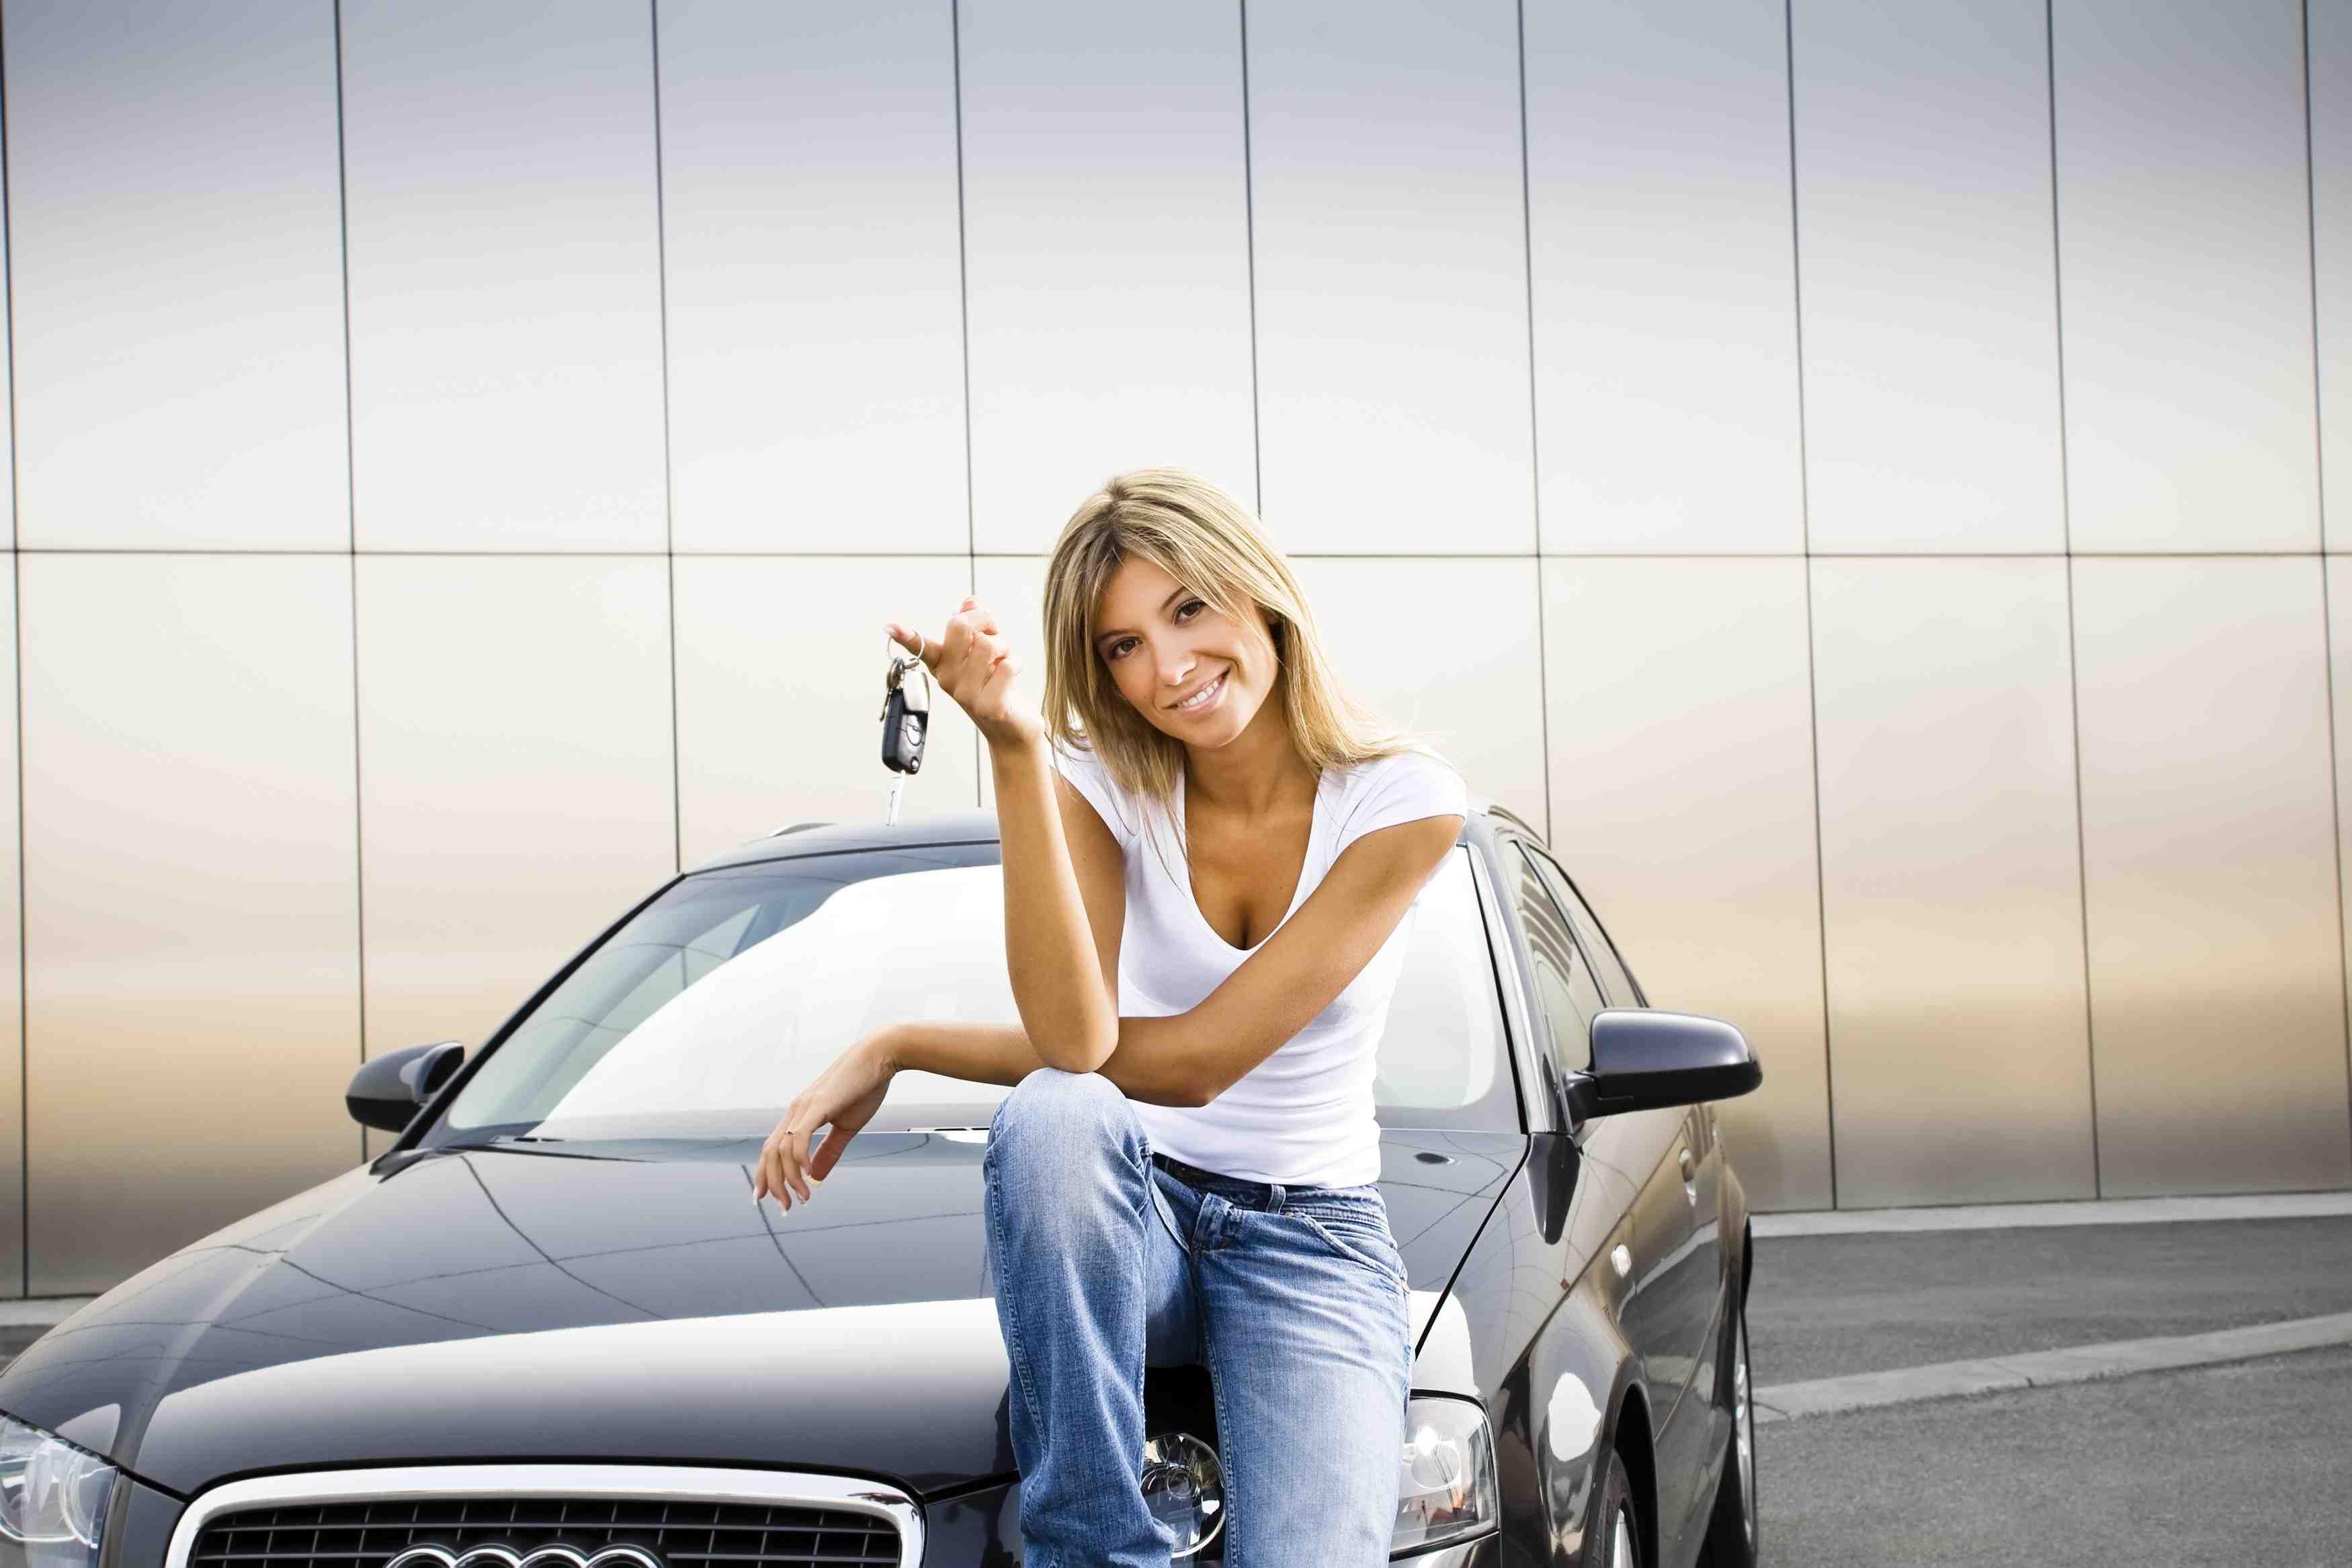 Опрос автовладельцев из Европы дал неожиданные результаты 1